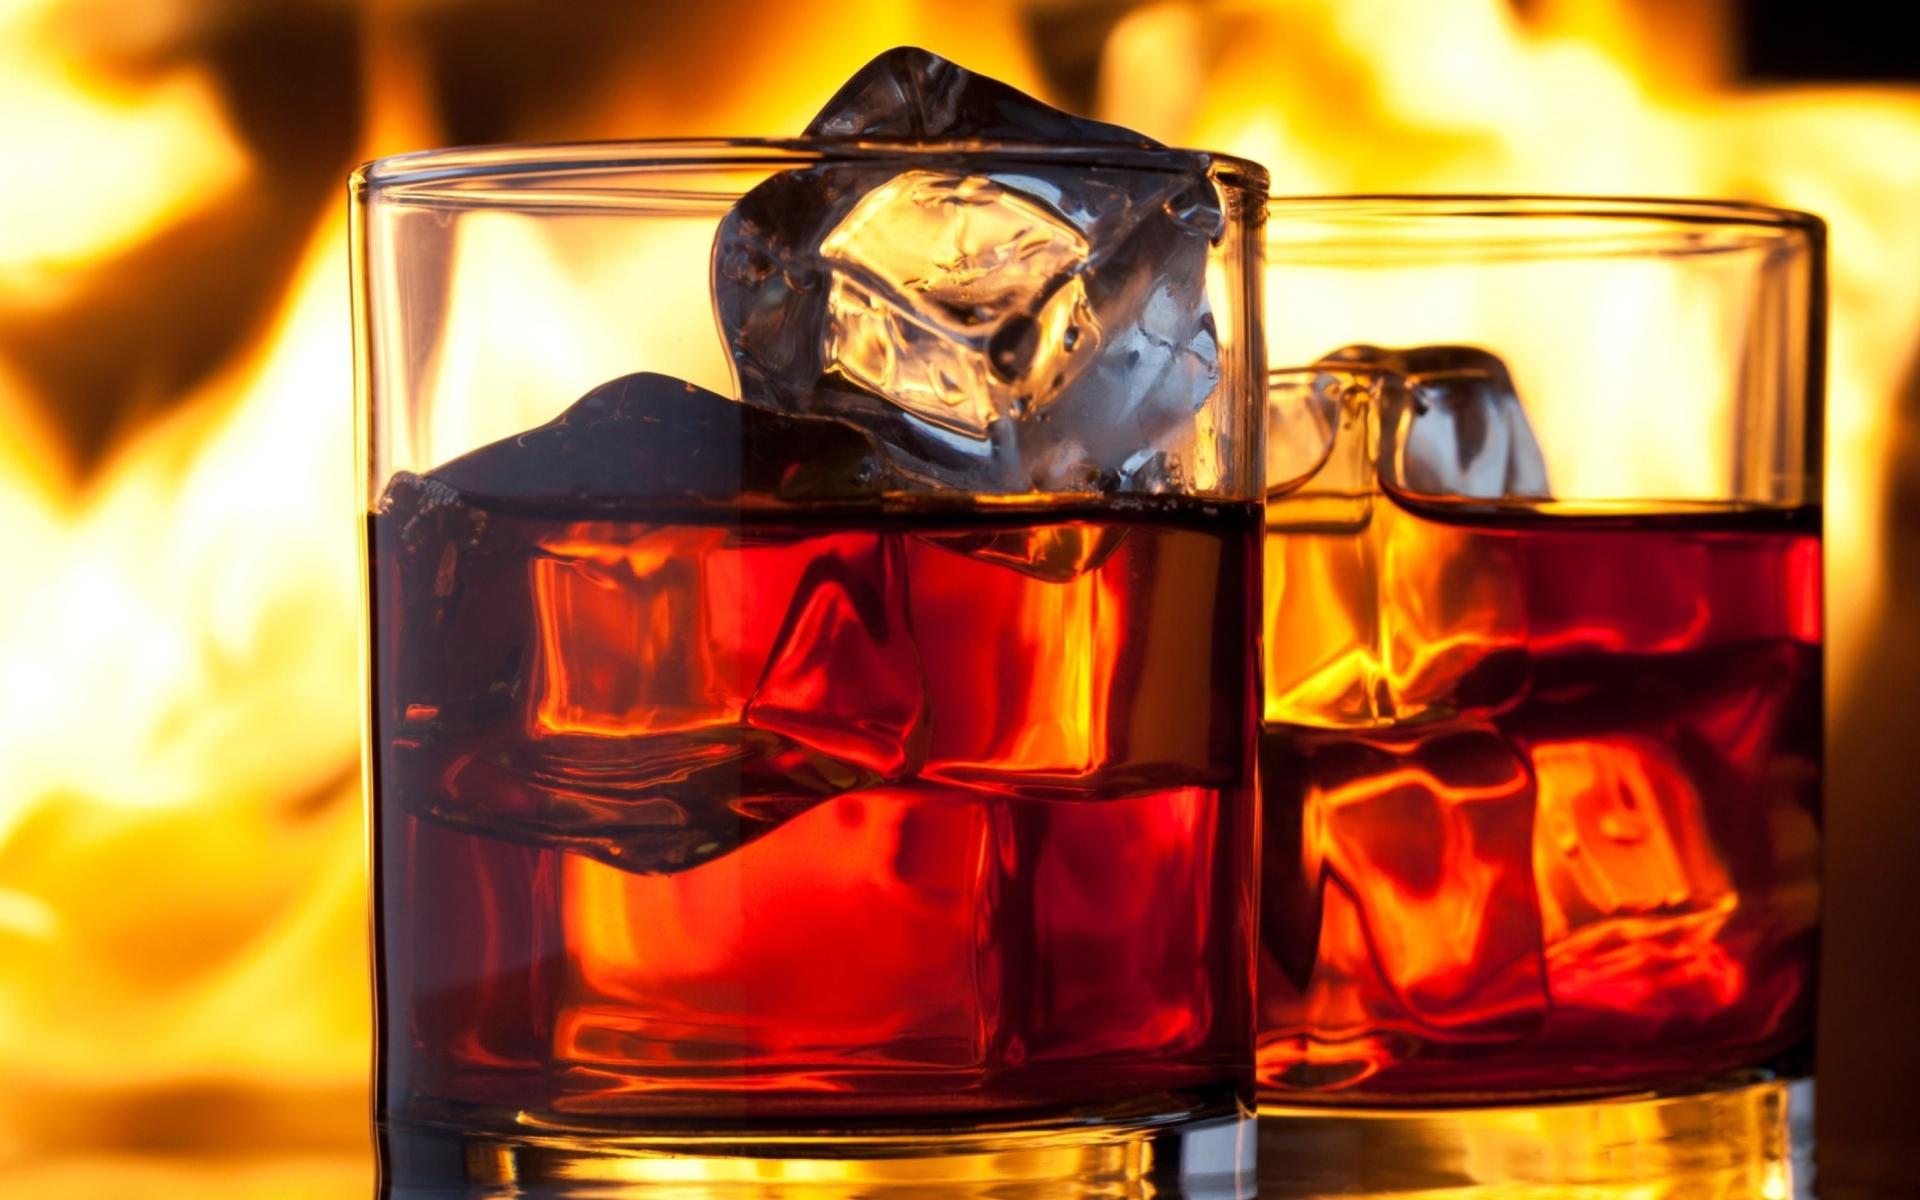 вменяется красивые картинки виски со льдом чайник картинки для